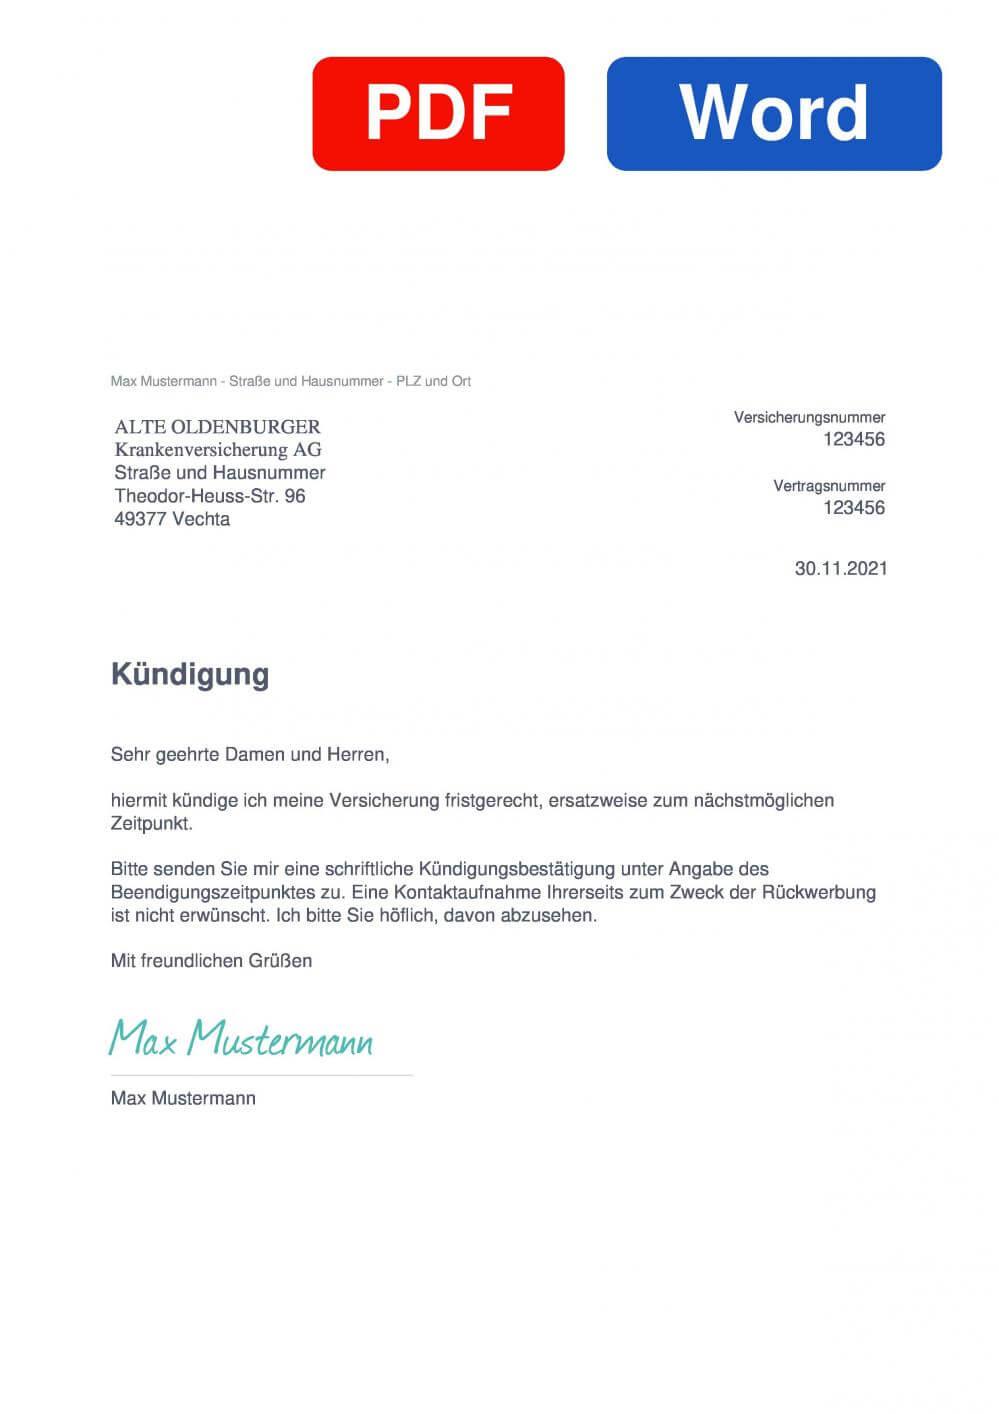 ALTE OLDENBURGER Auslandskrankenversicherung Muster Vorlage für Kündigungsschreiben